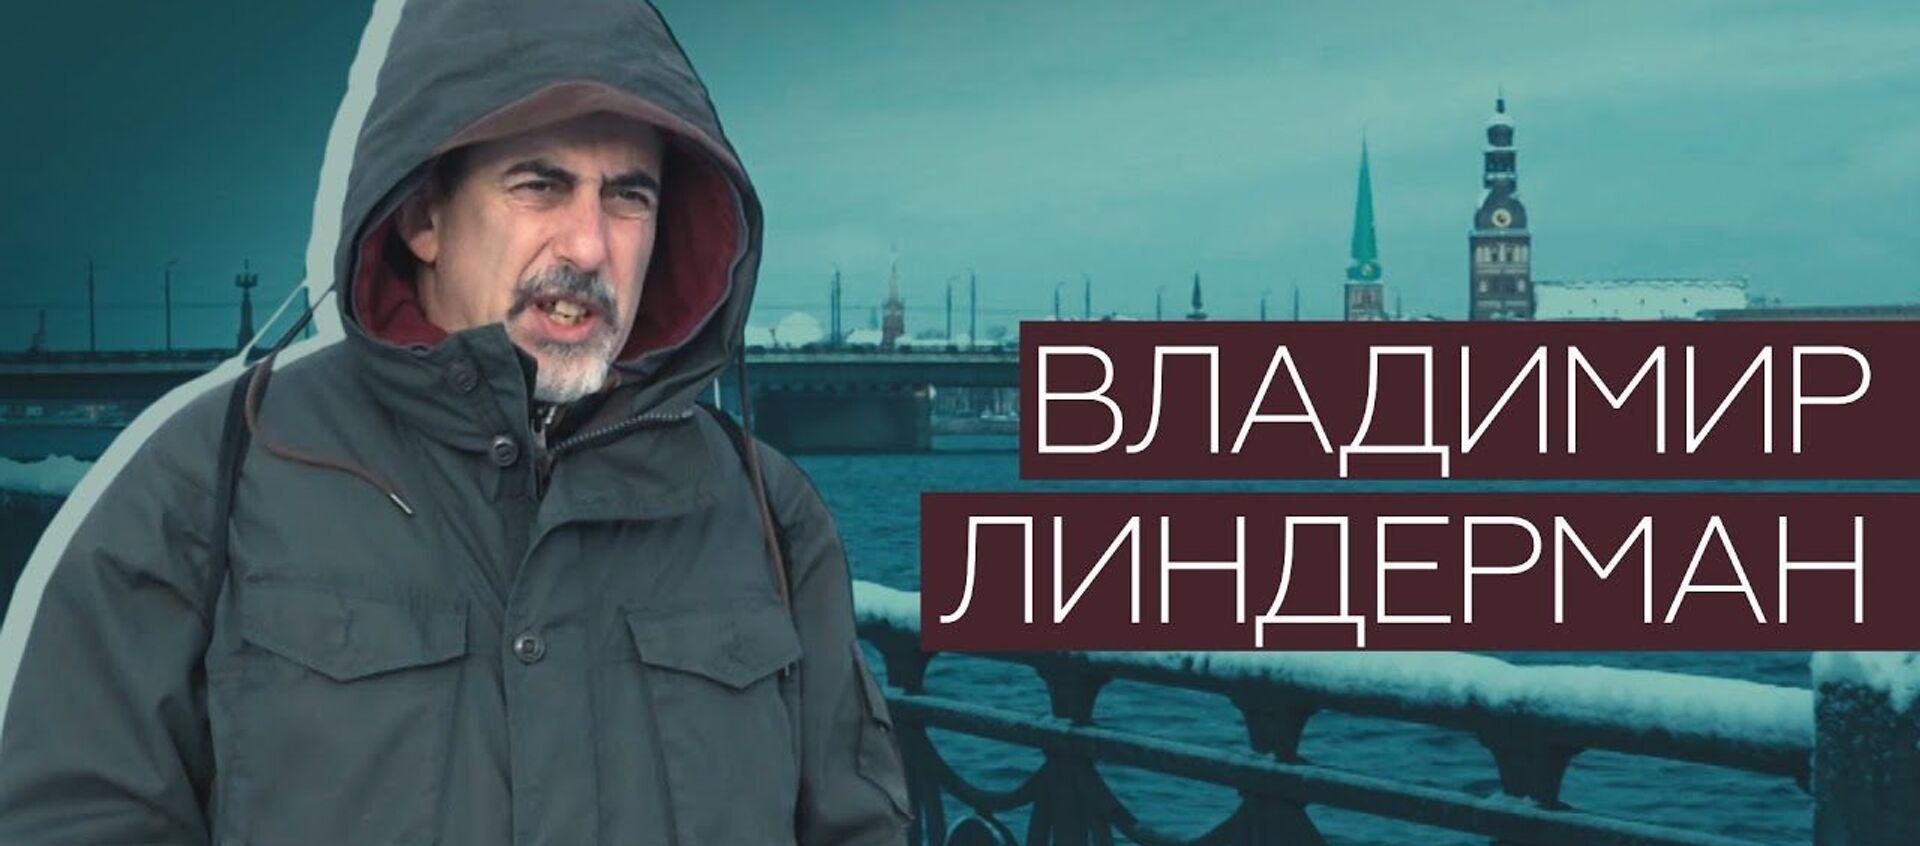 Задержанный в Латвии русскоязычный журналист Владимир Линдерман - Sputnik Азербайджан, 1920, 13.01.2021